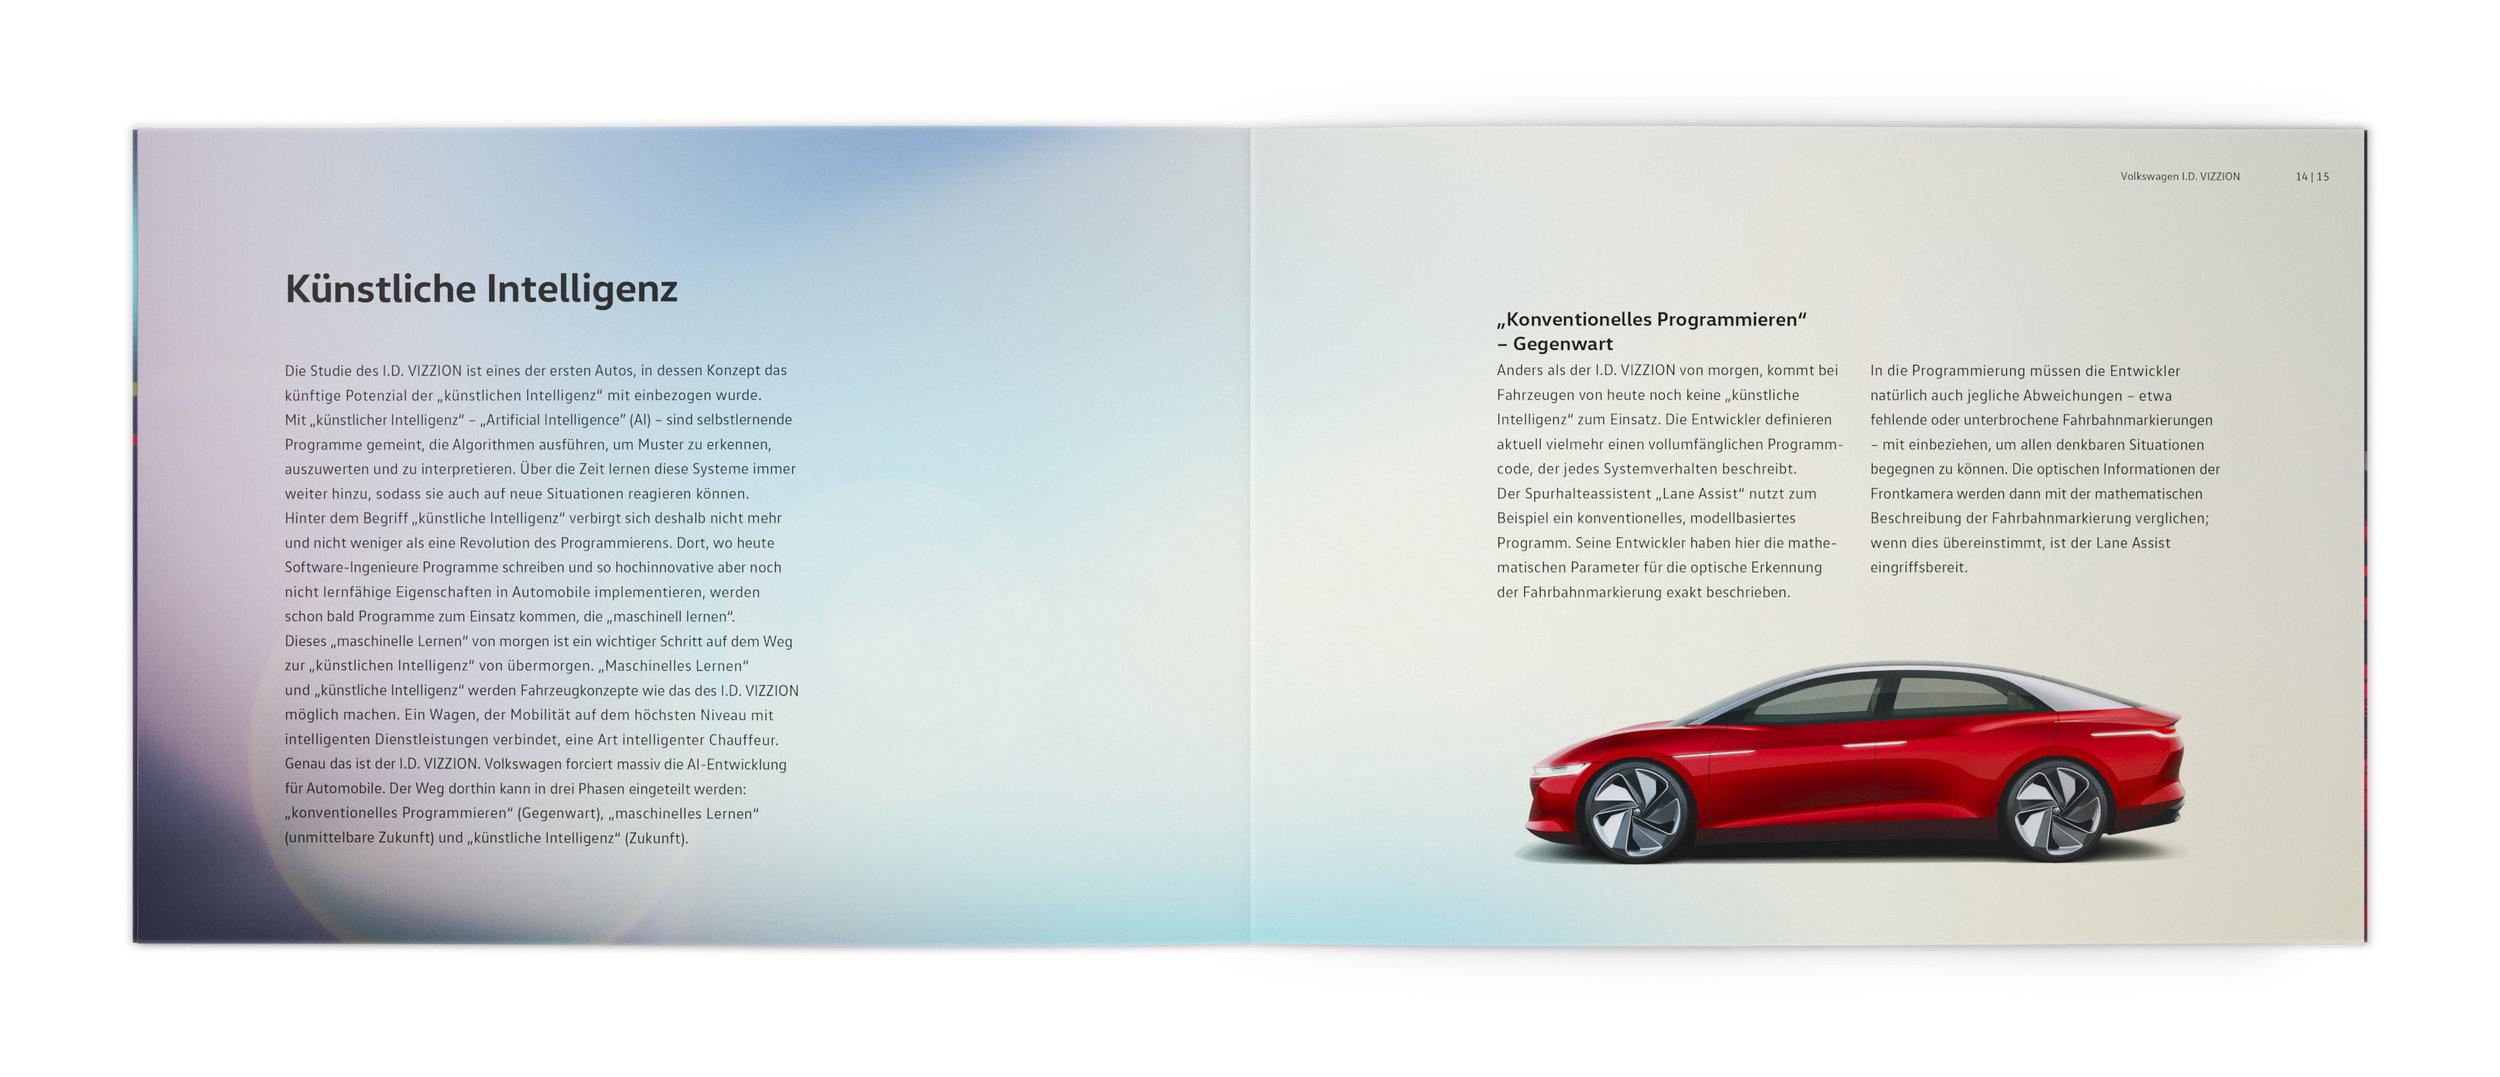 07_Josekdesign_Volkswagen_Imagebroschure.jpg